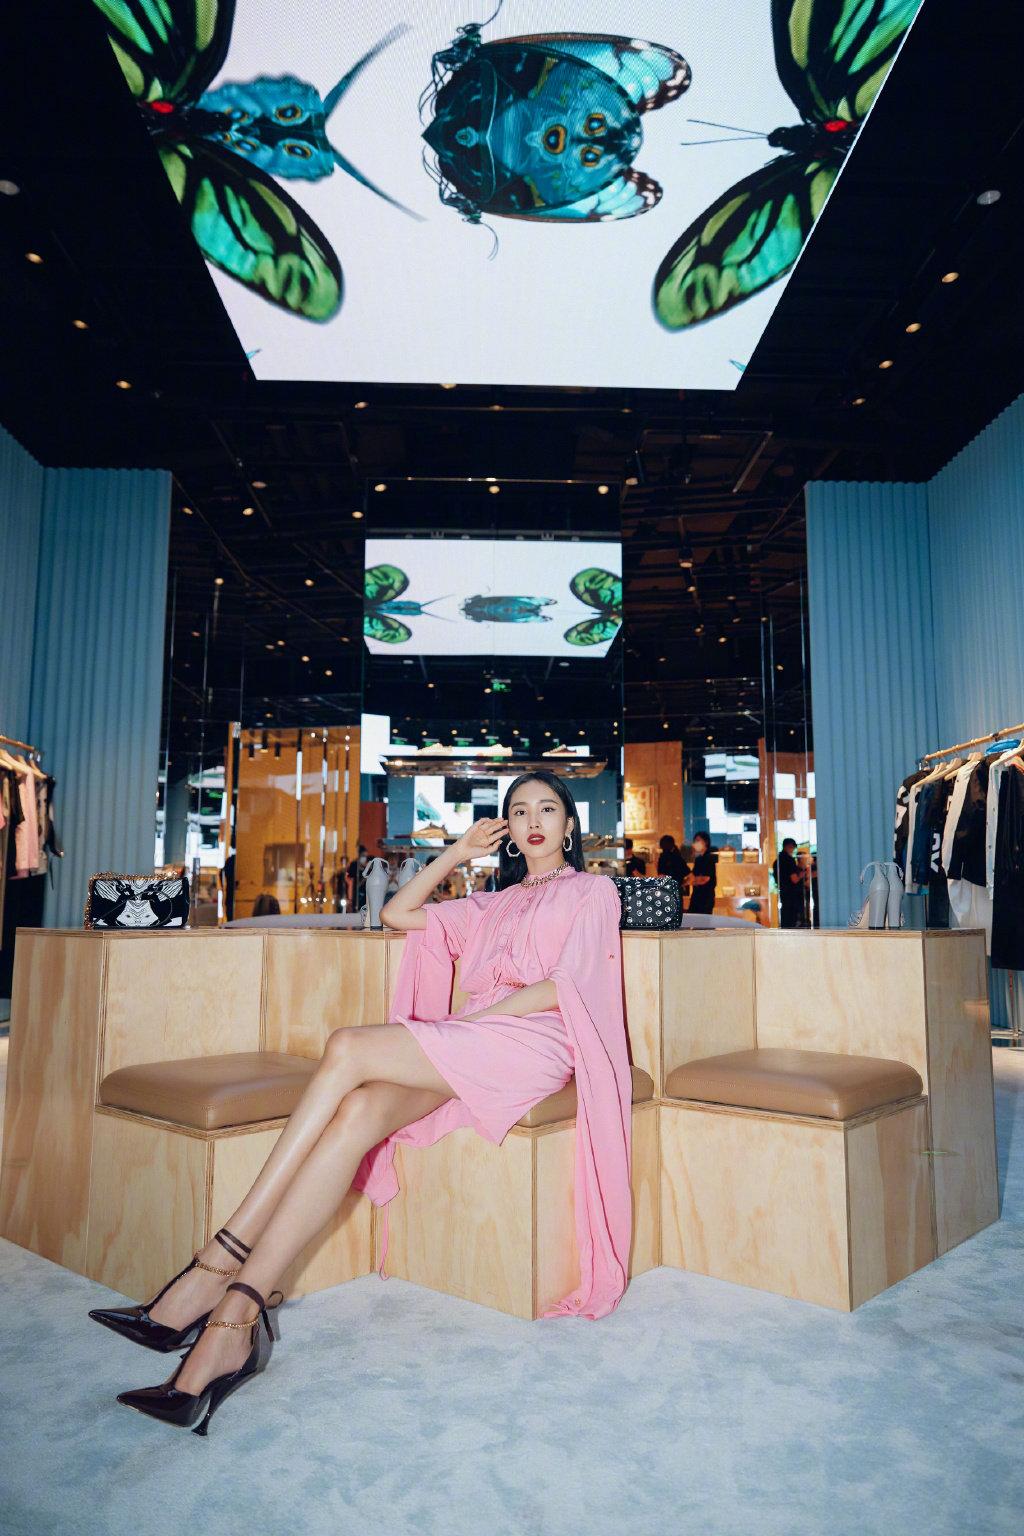 王紫璇穿着粉色丝质纱裙,利落黑发配深色红唇